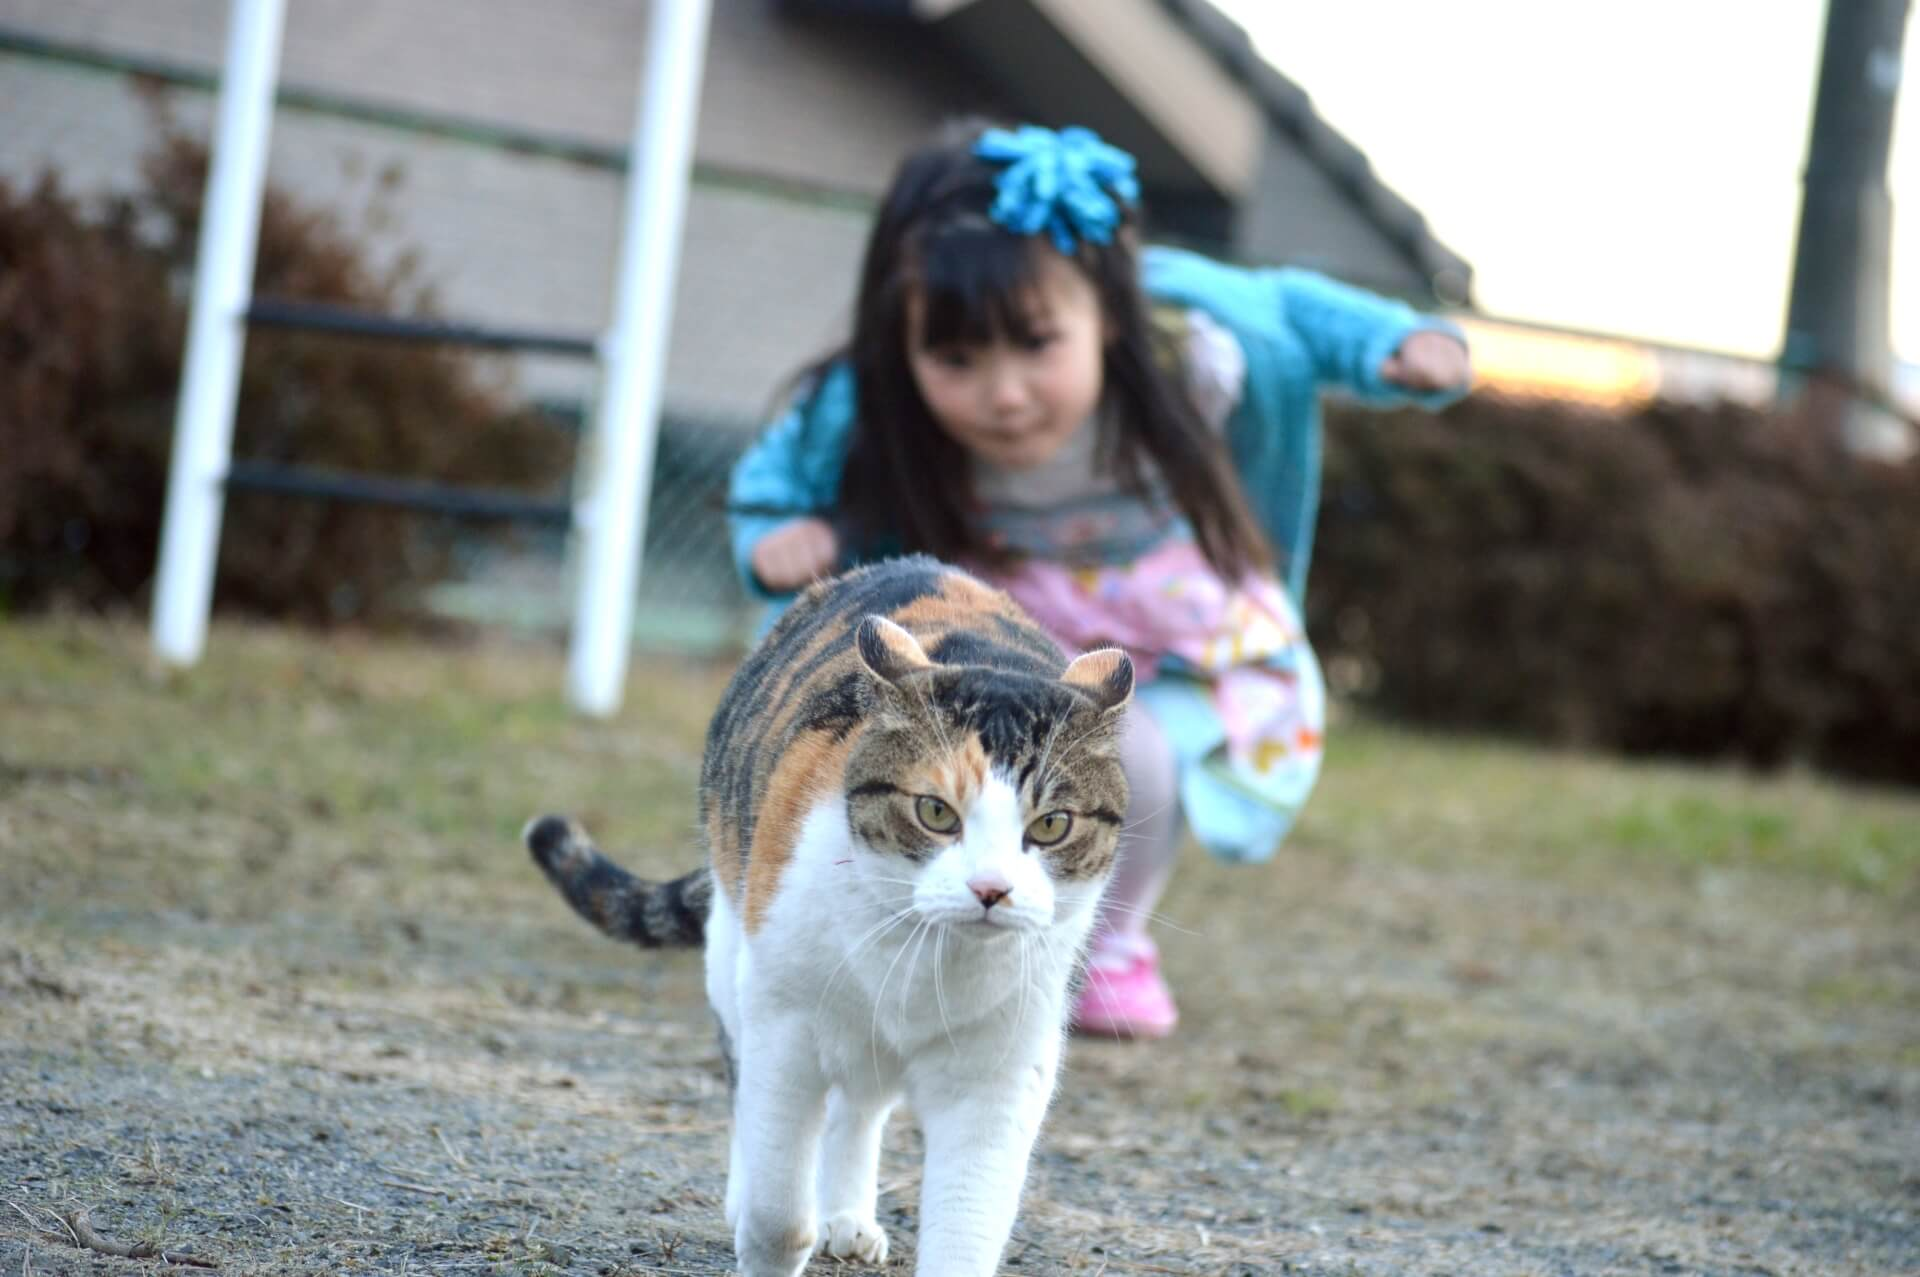 猫の脱走を防止する6つのアイデアとは?【交通事故・殺処分から飼い猫を守る】